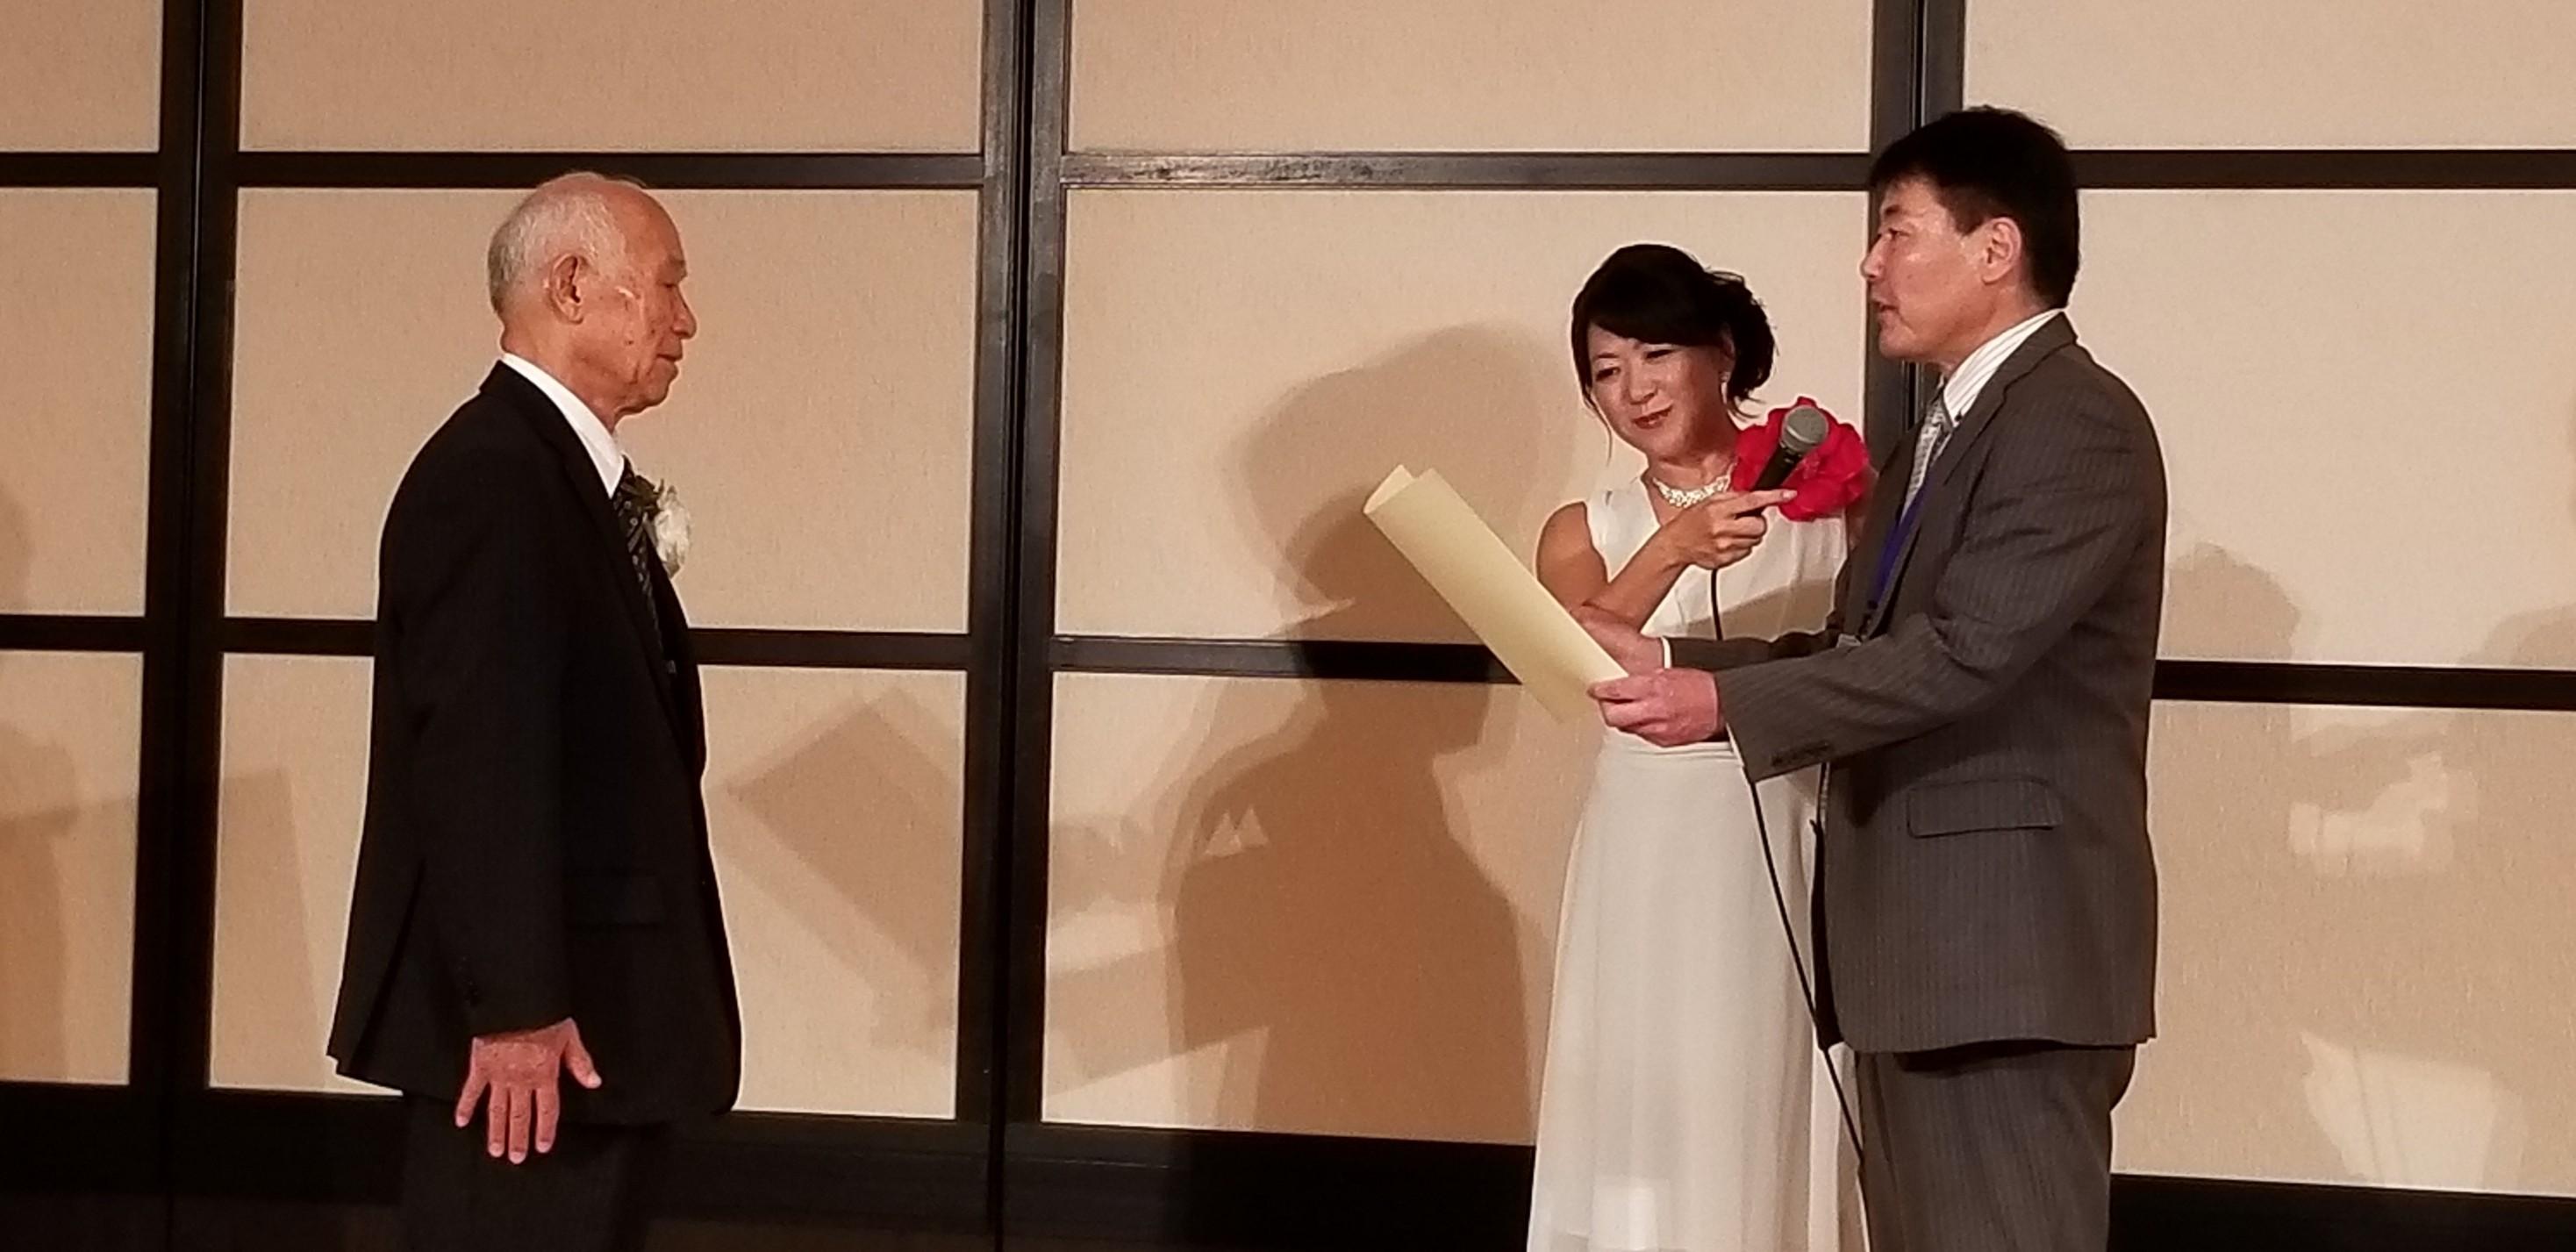 3c42d3a7d22c3d73cc3be973c7b41ff4 - 第6回思風会全国大会2018in東京開催